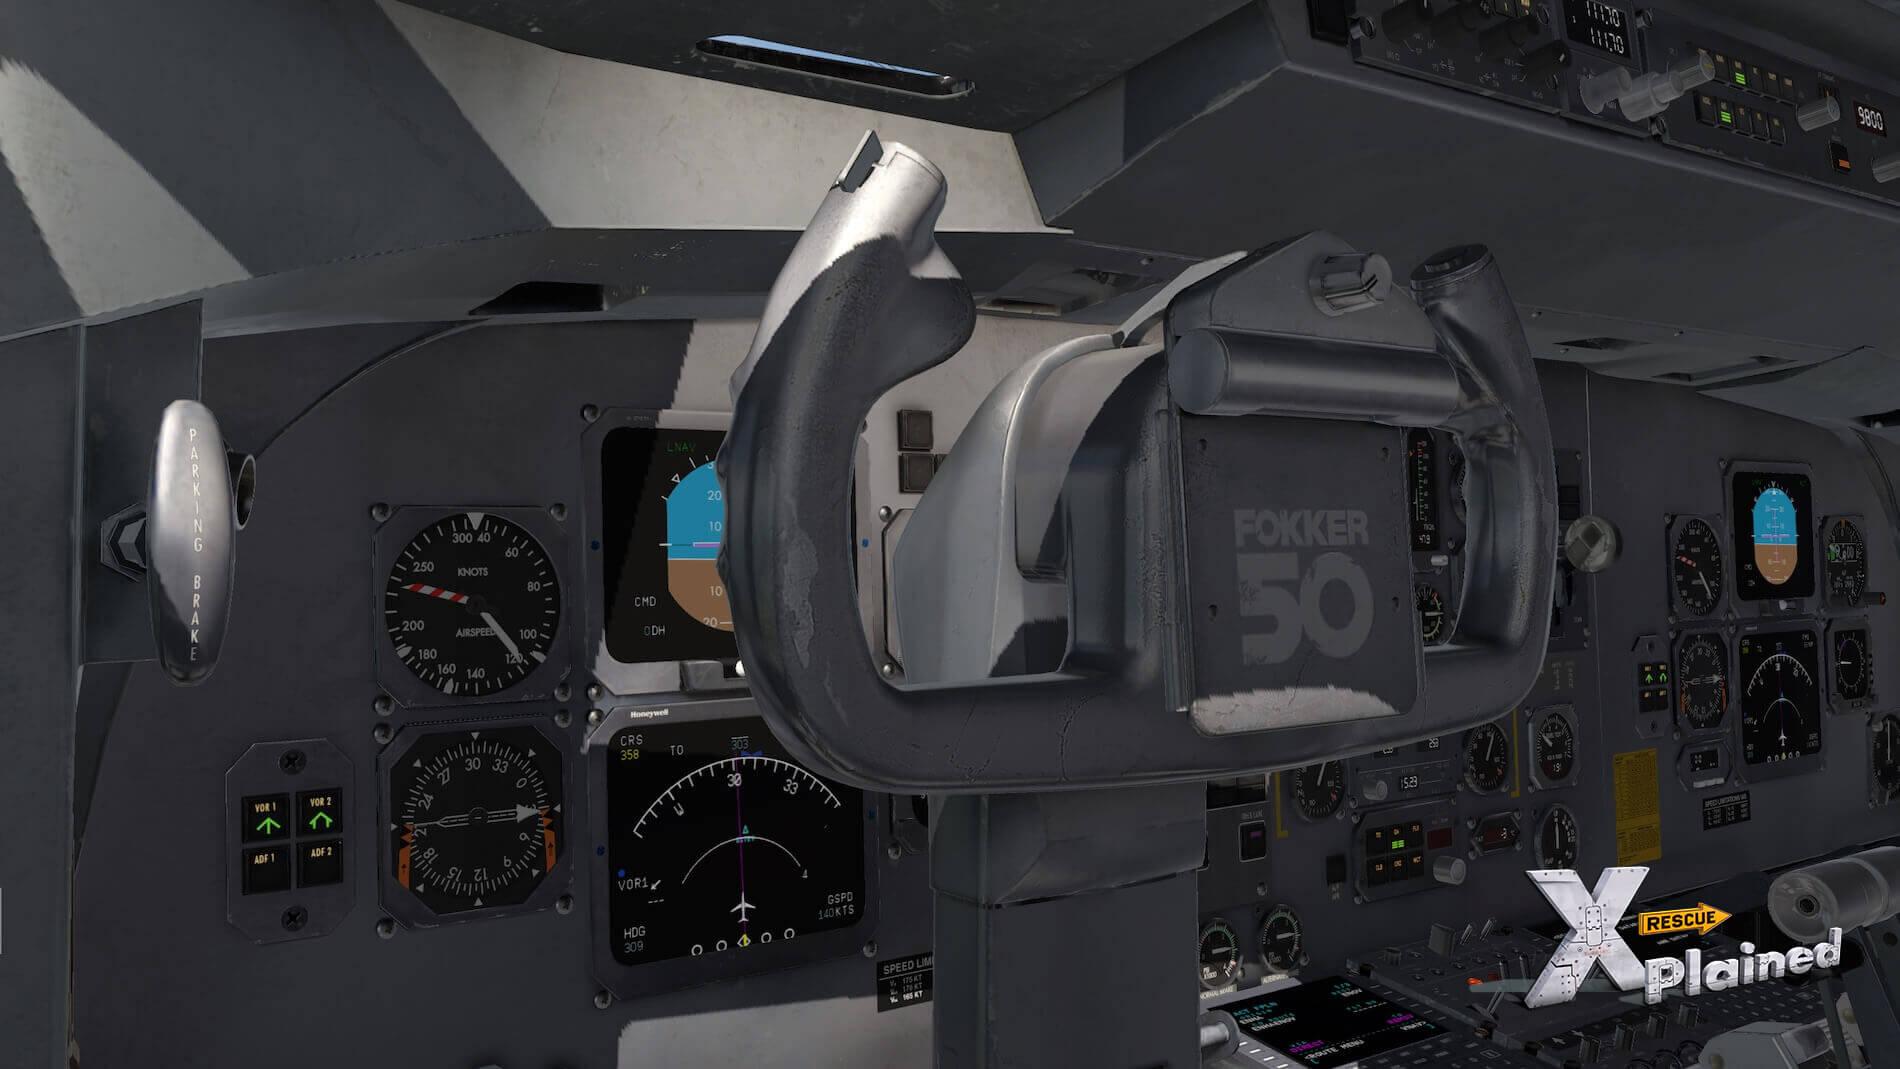 Impression-F50-Carenado-11